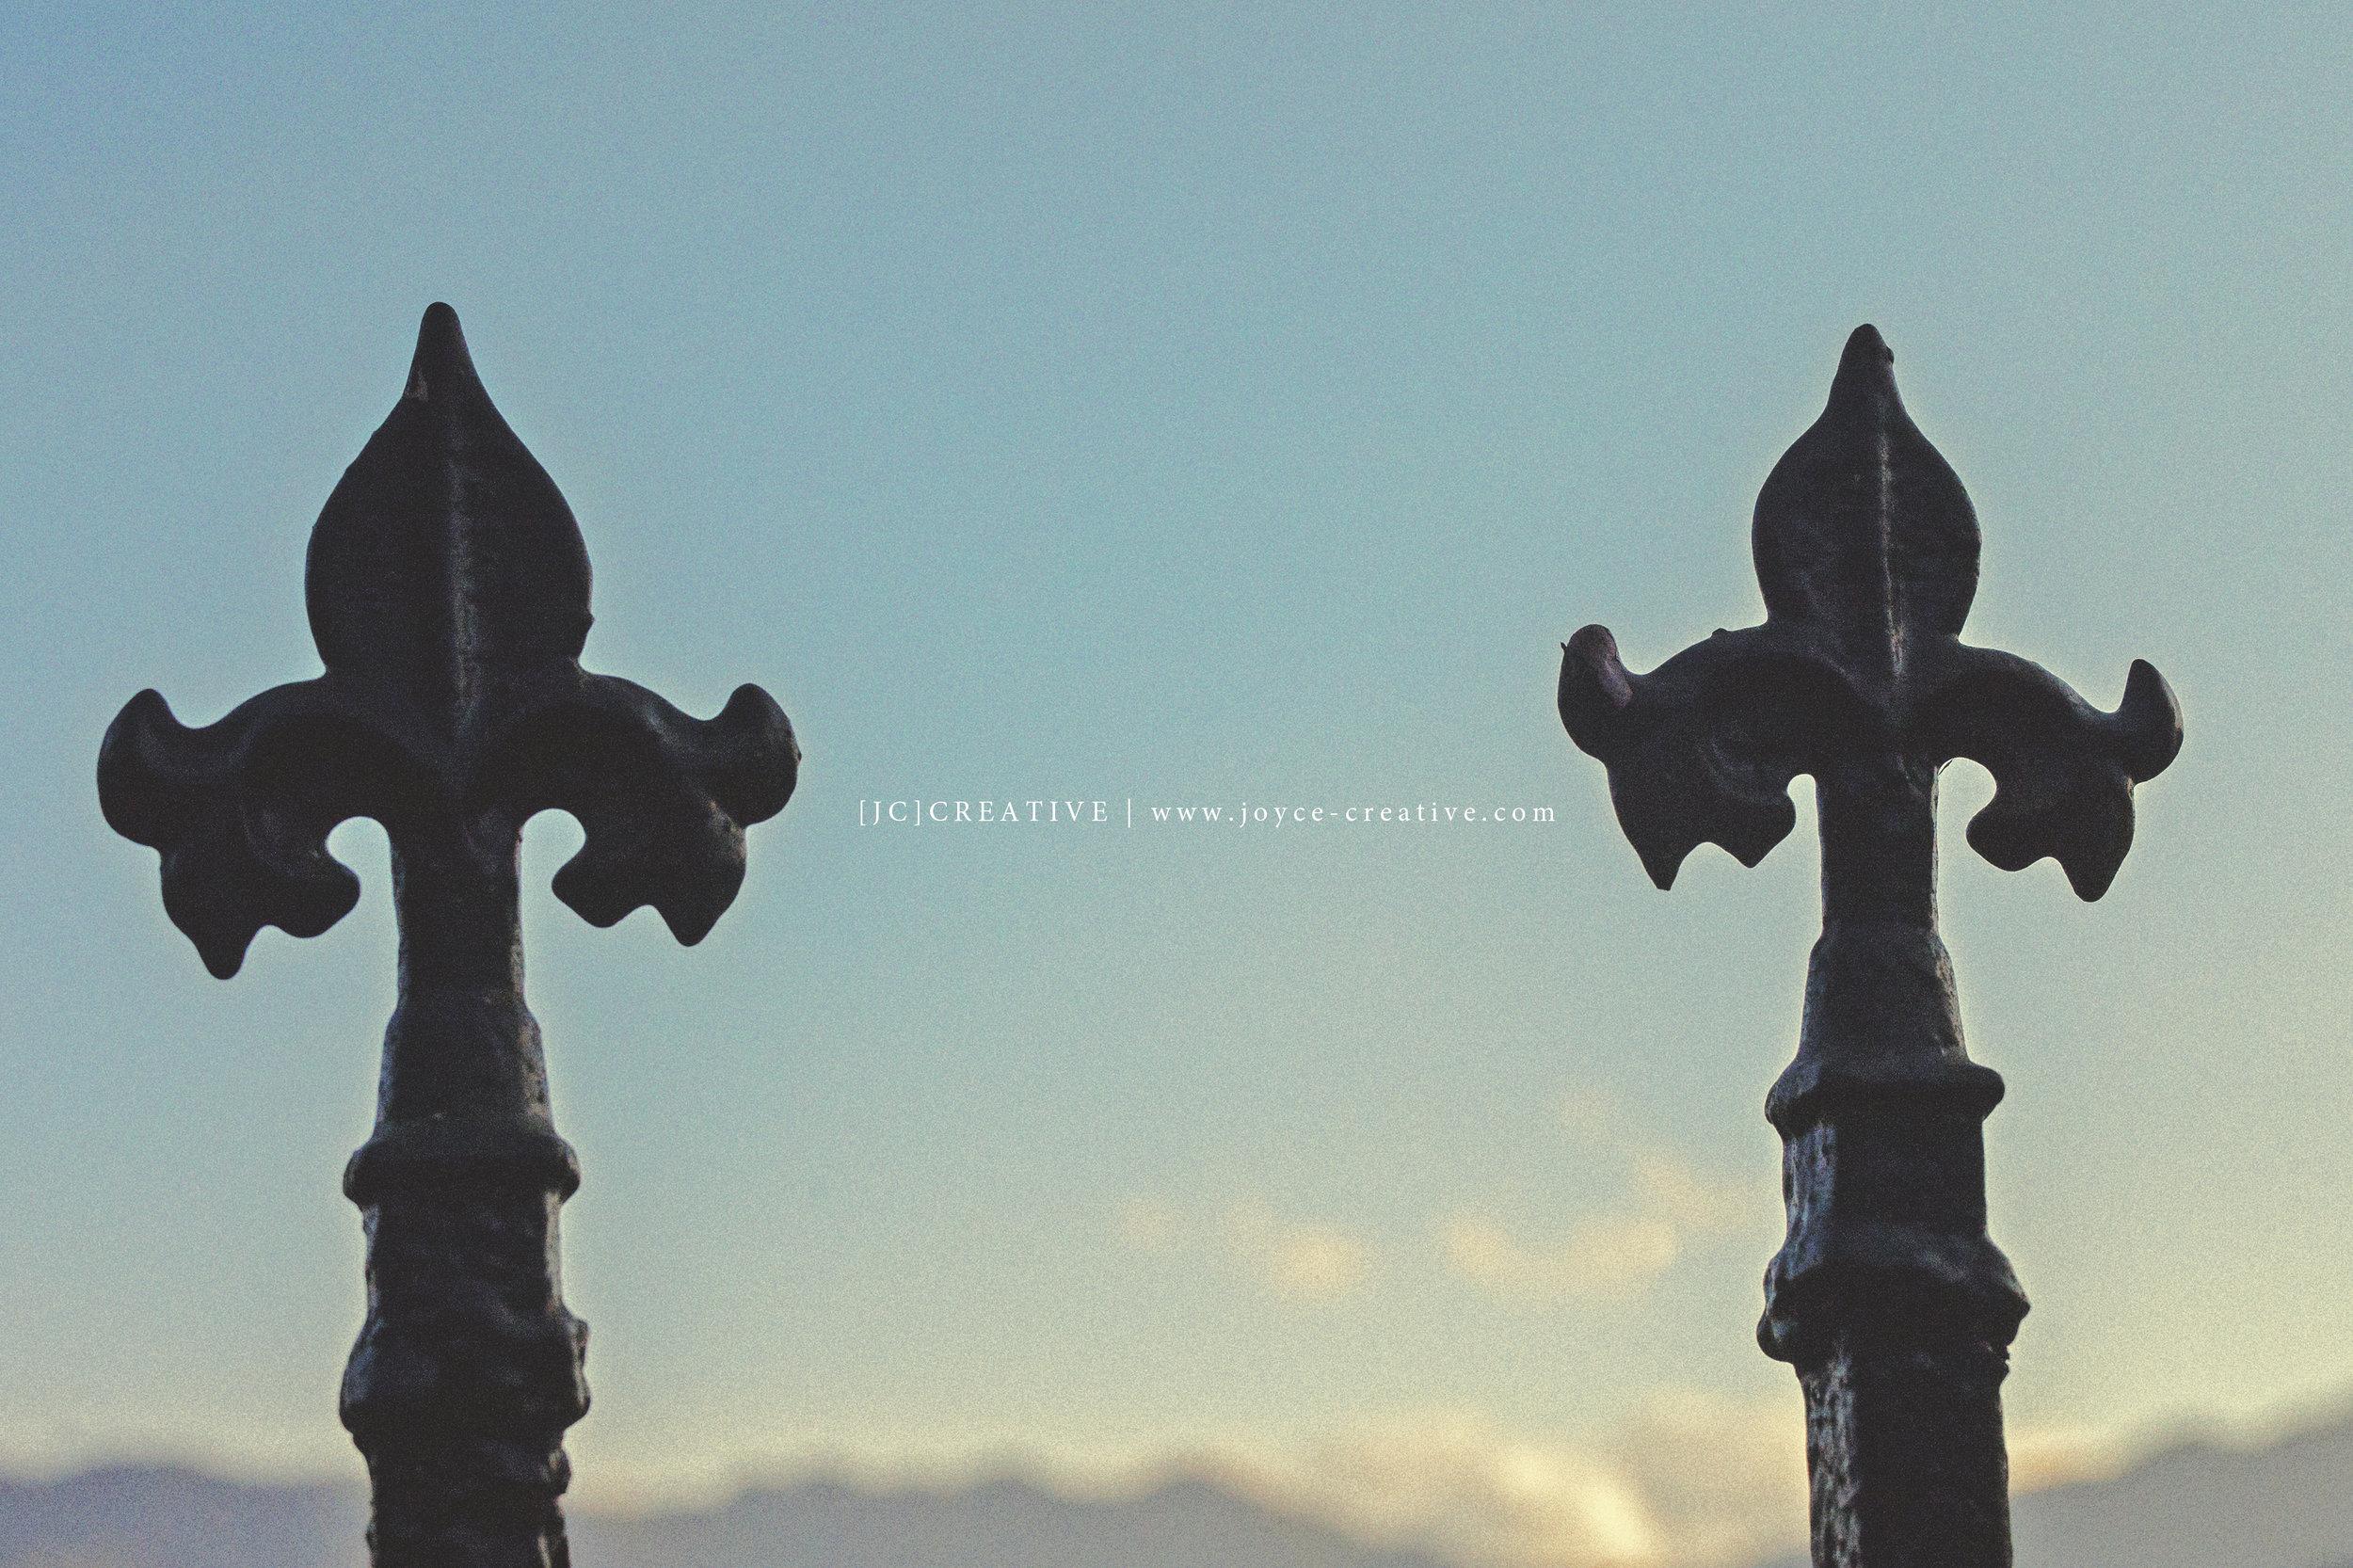 攝影 | [JC]CREATIVE / 地點 | 台灣自宅